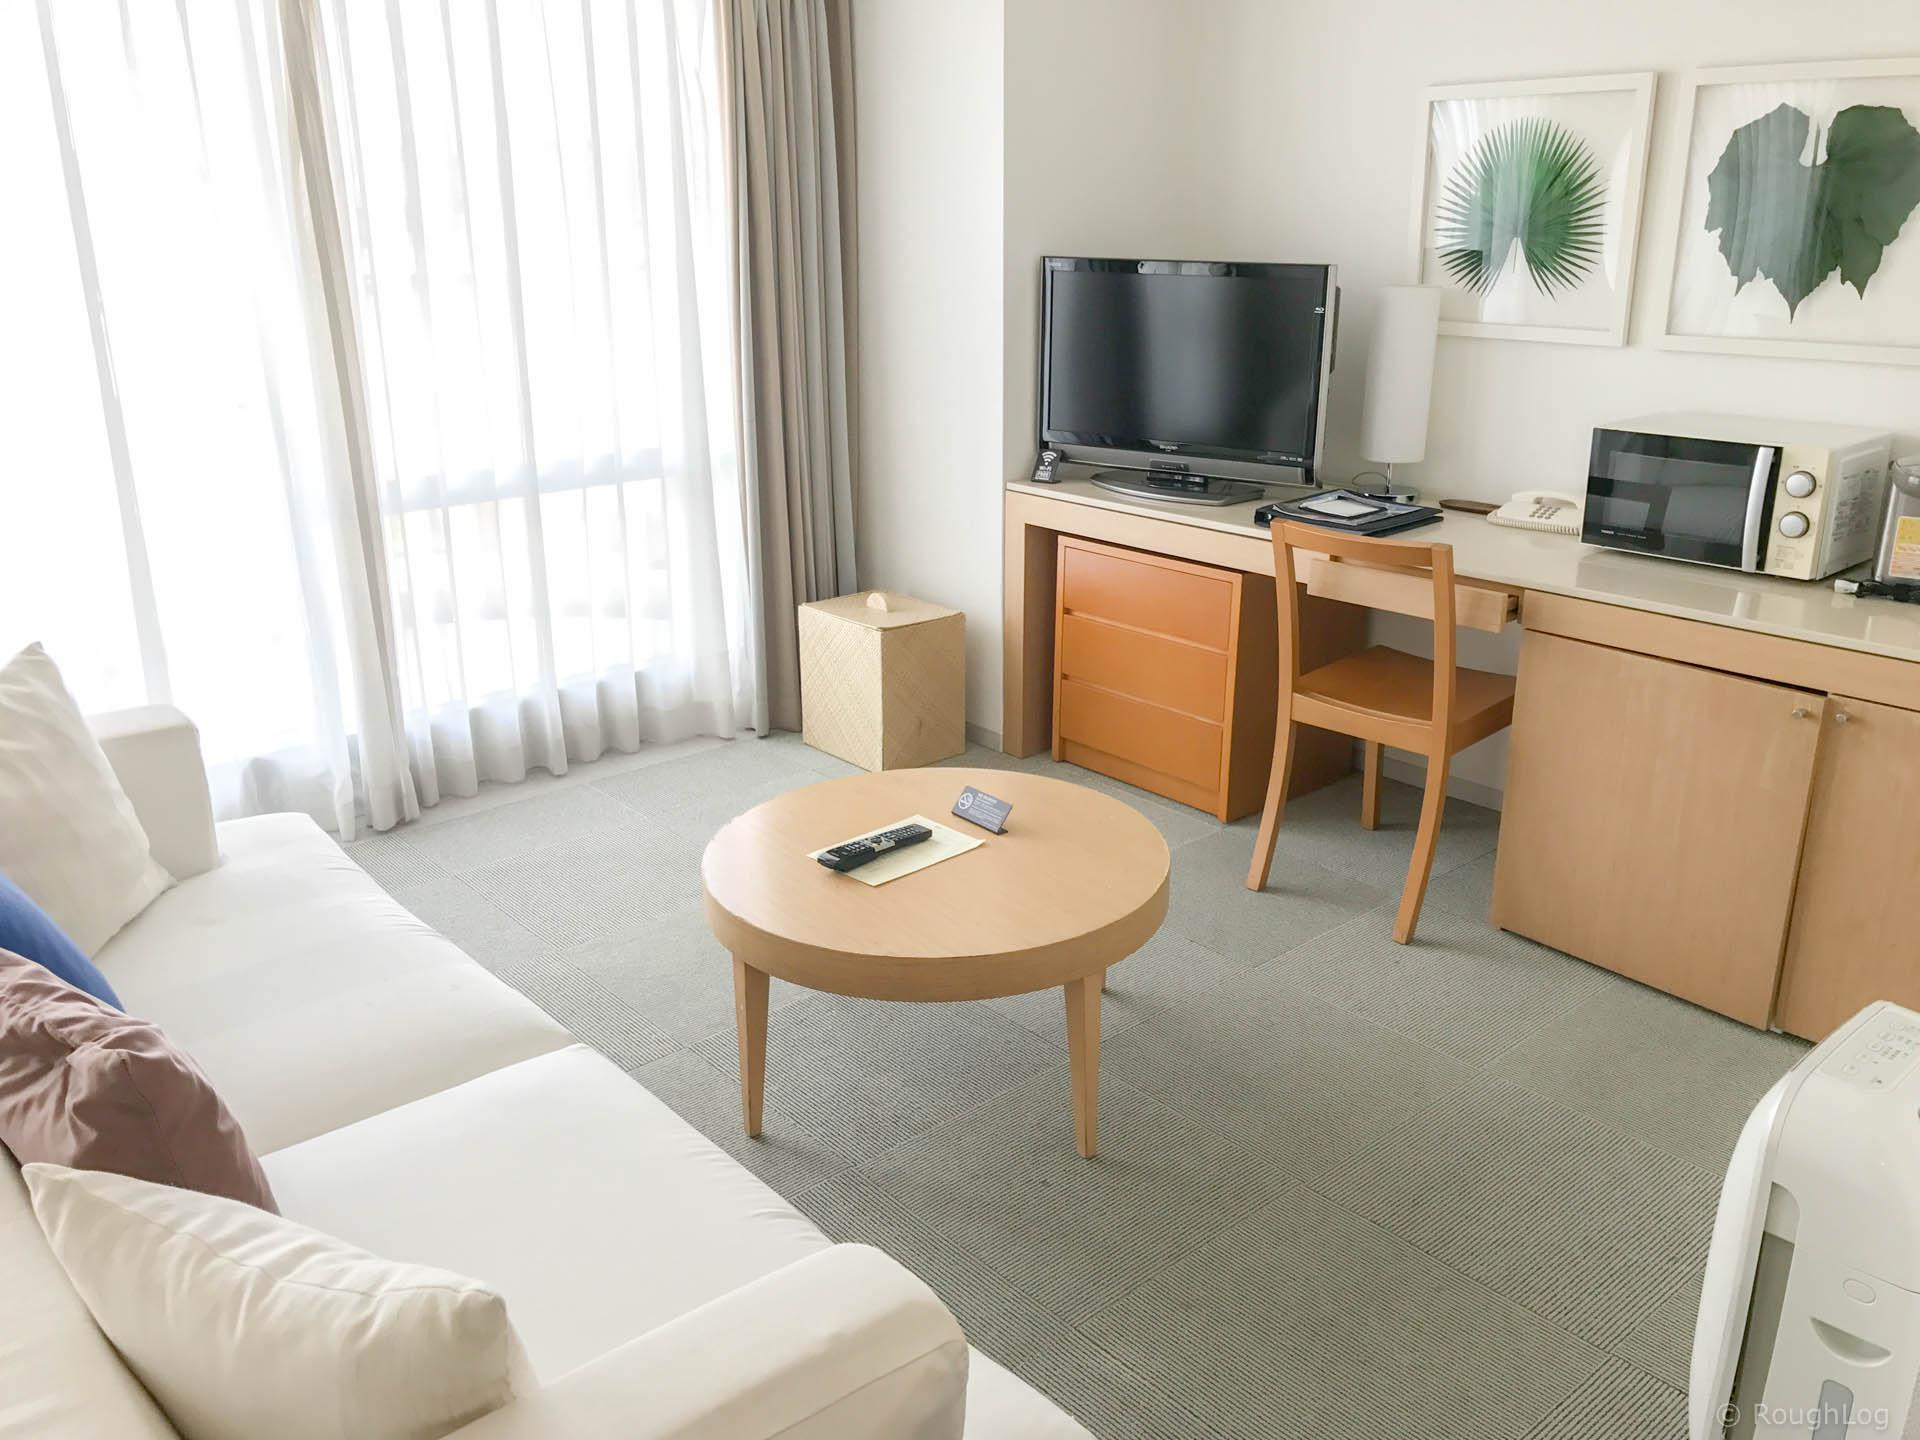 ザ・ビーチタワー沖縄のお部屋